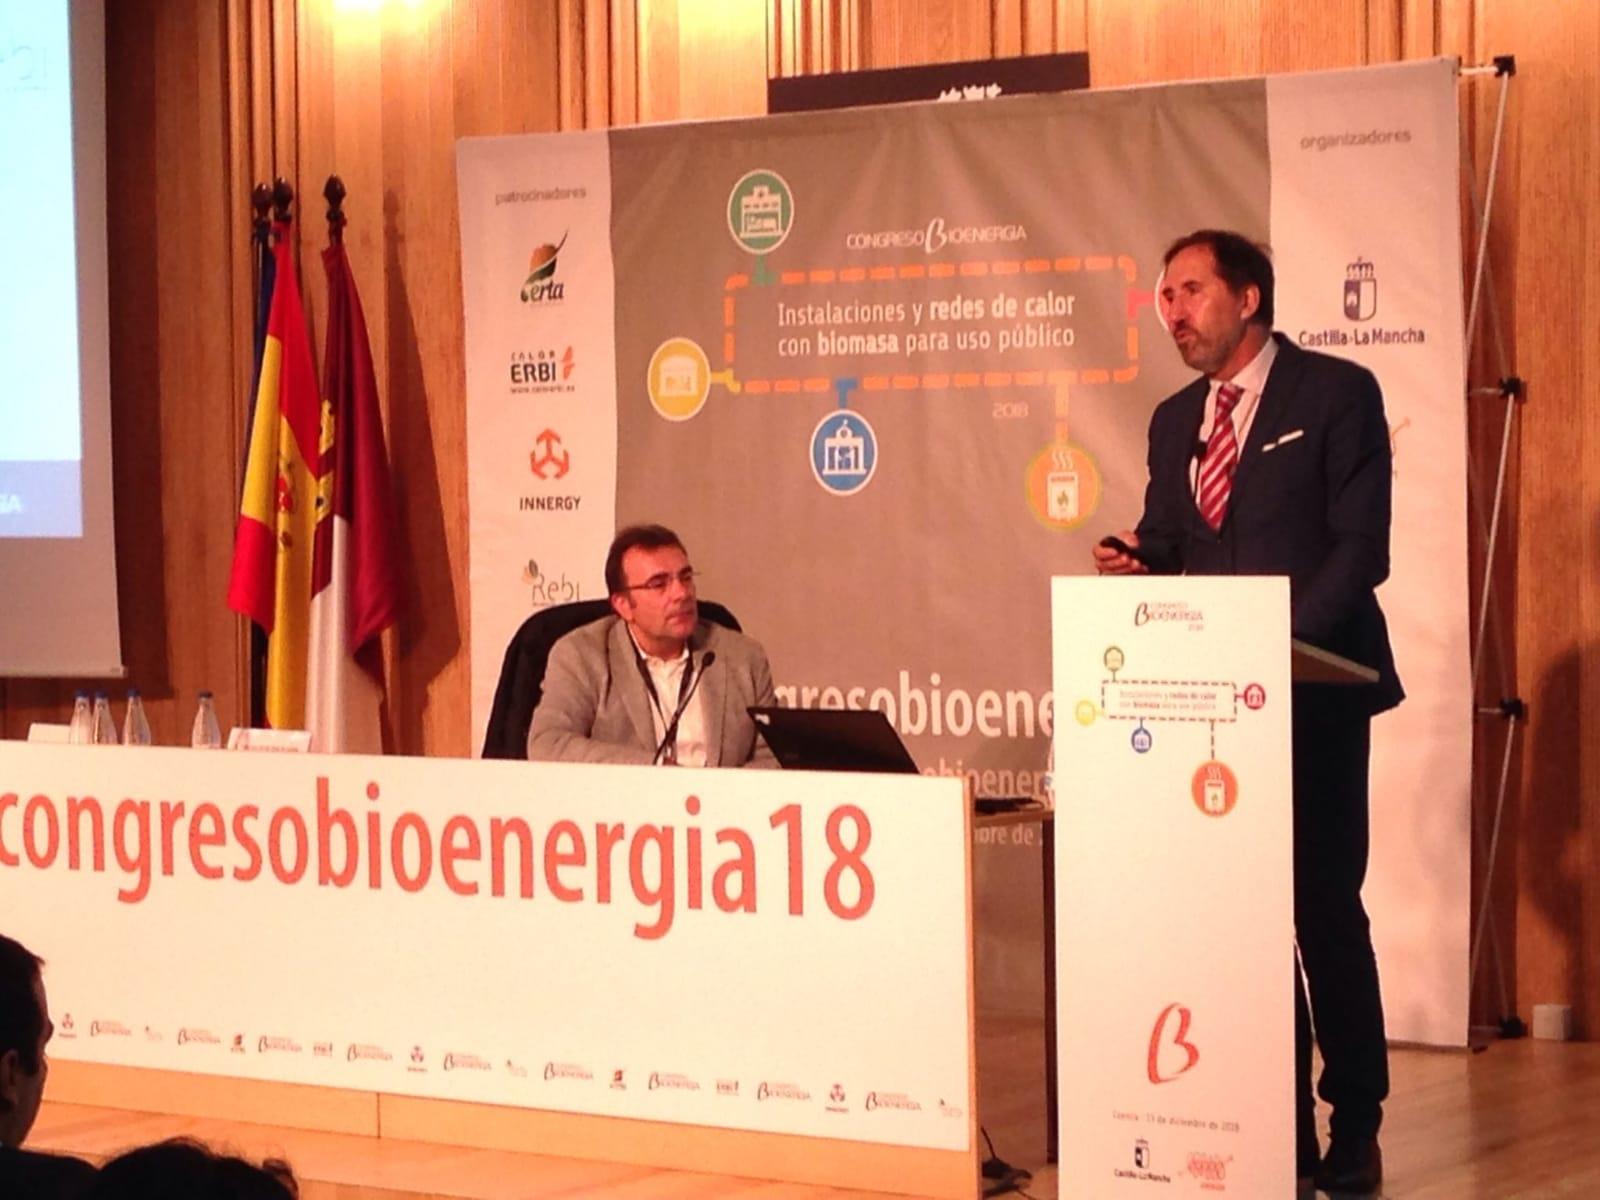 Alberto Gómez durante la ponencia en el Congreso de Bioenergía en Cuenca